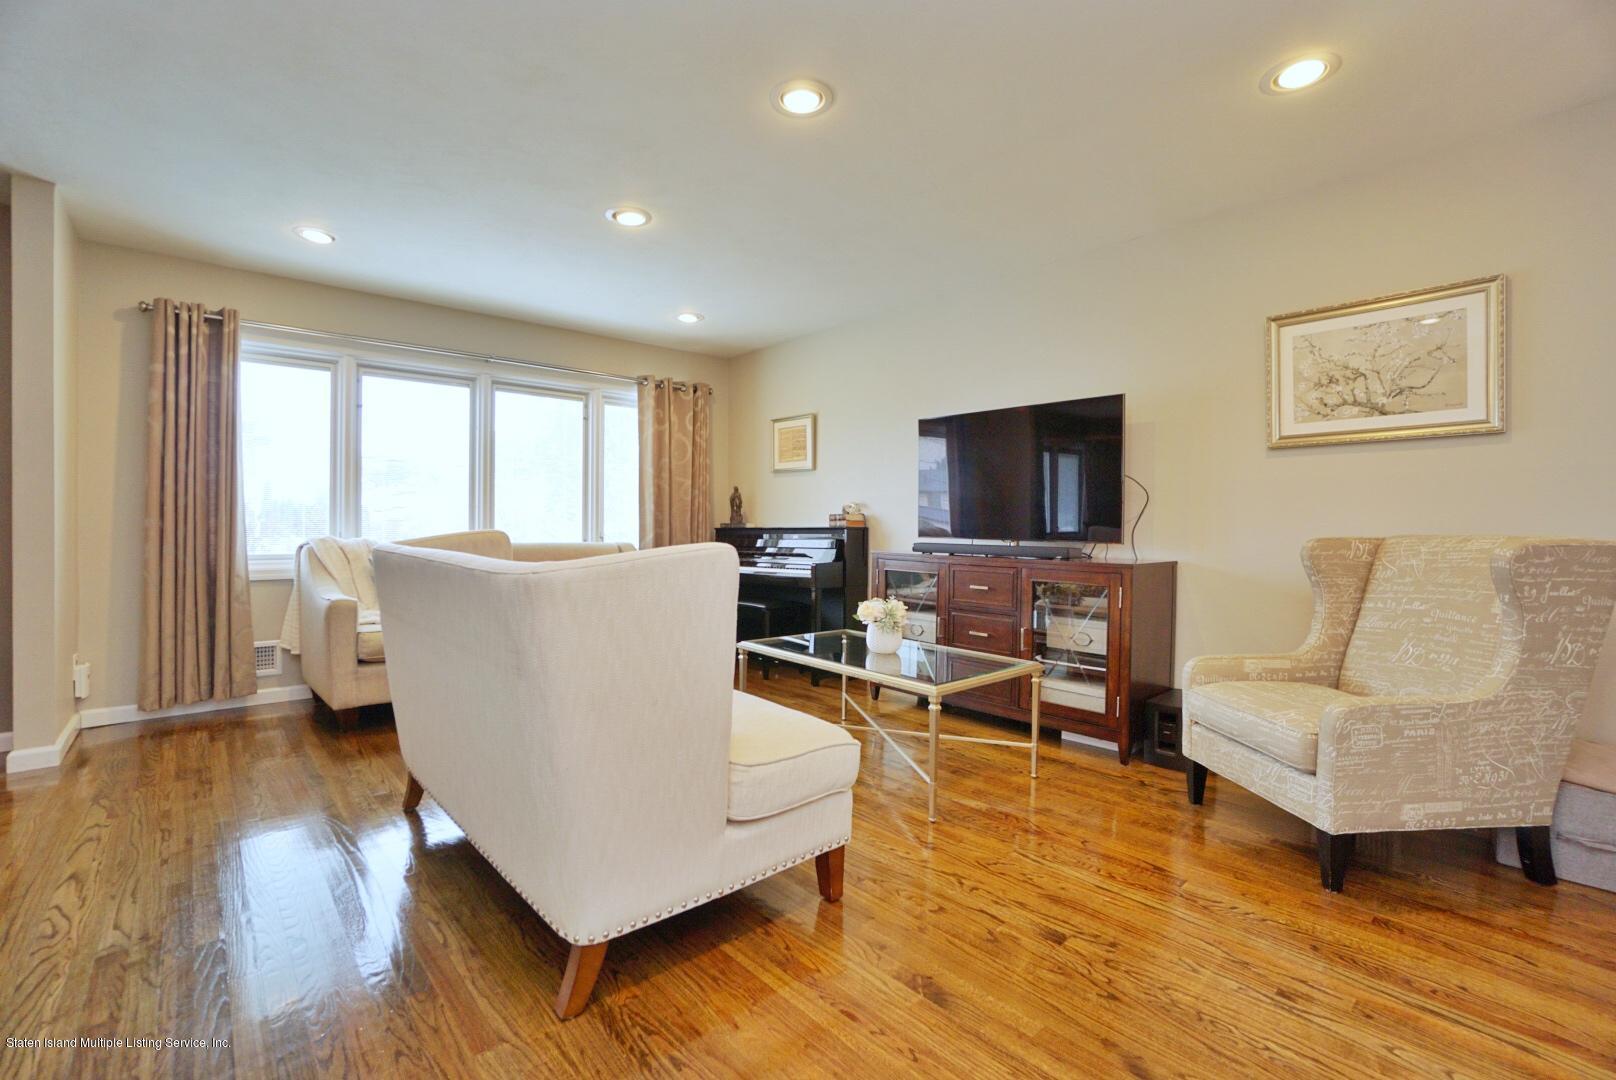 Single Family - Detached 579 Carlton Boulevard  Staten Island, NY 10312, MLS-1139227-10